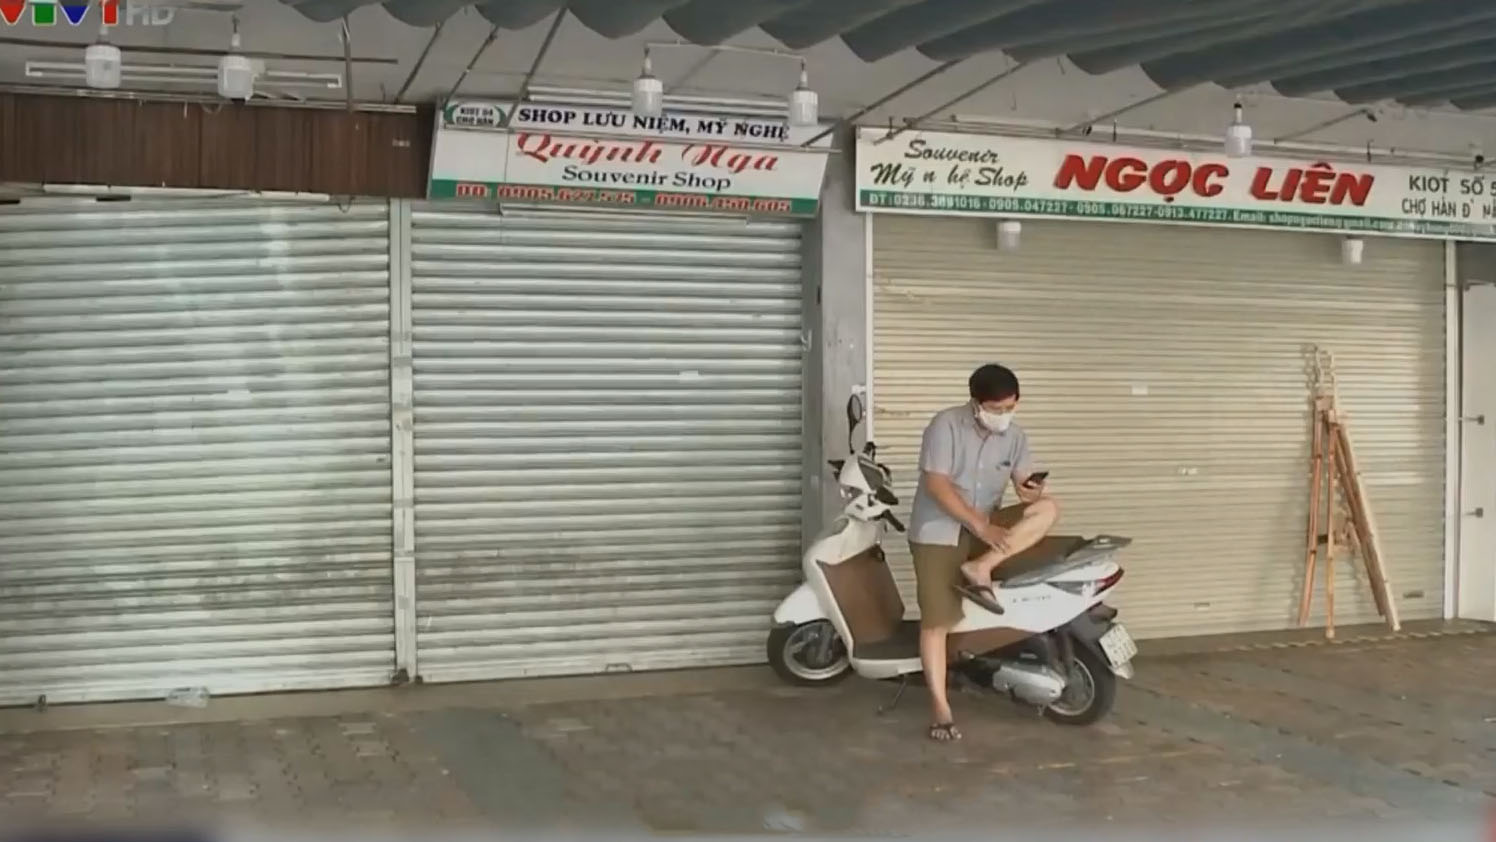 報道指河內和胡志明市病例與峴港有關連